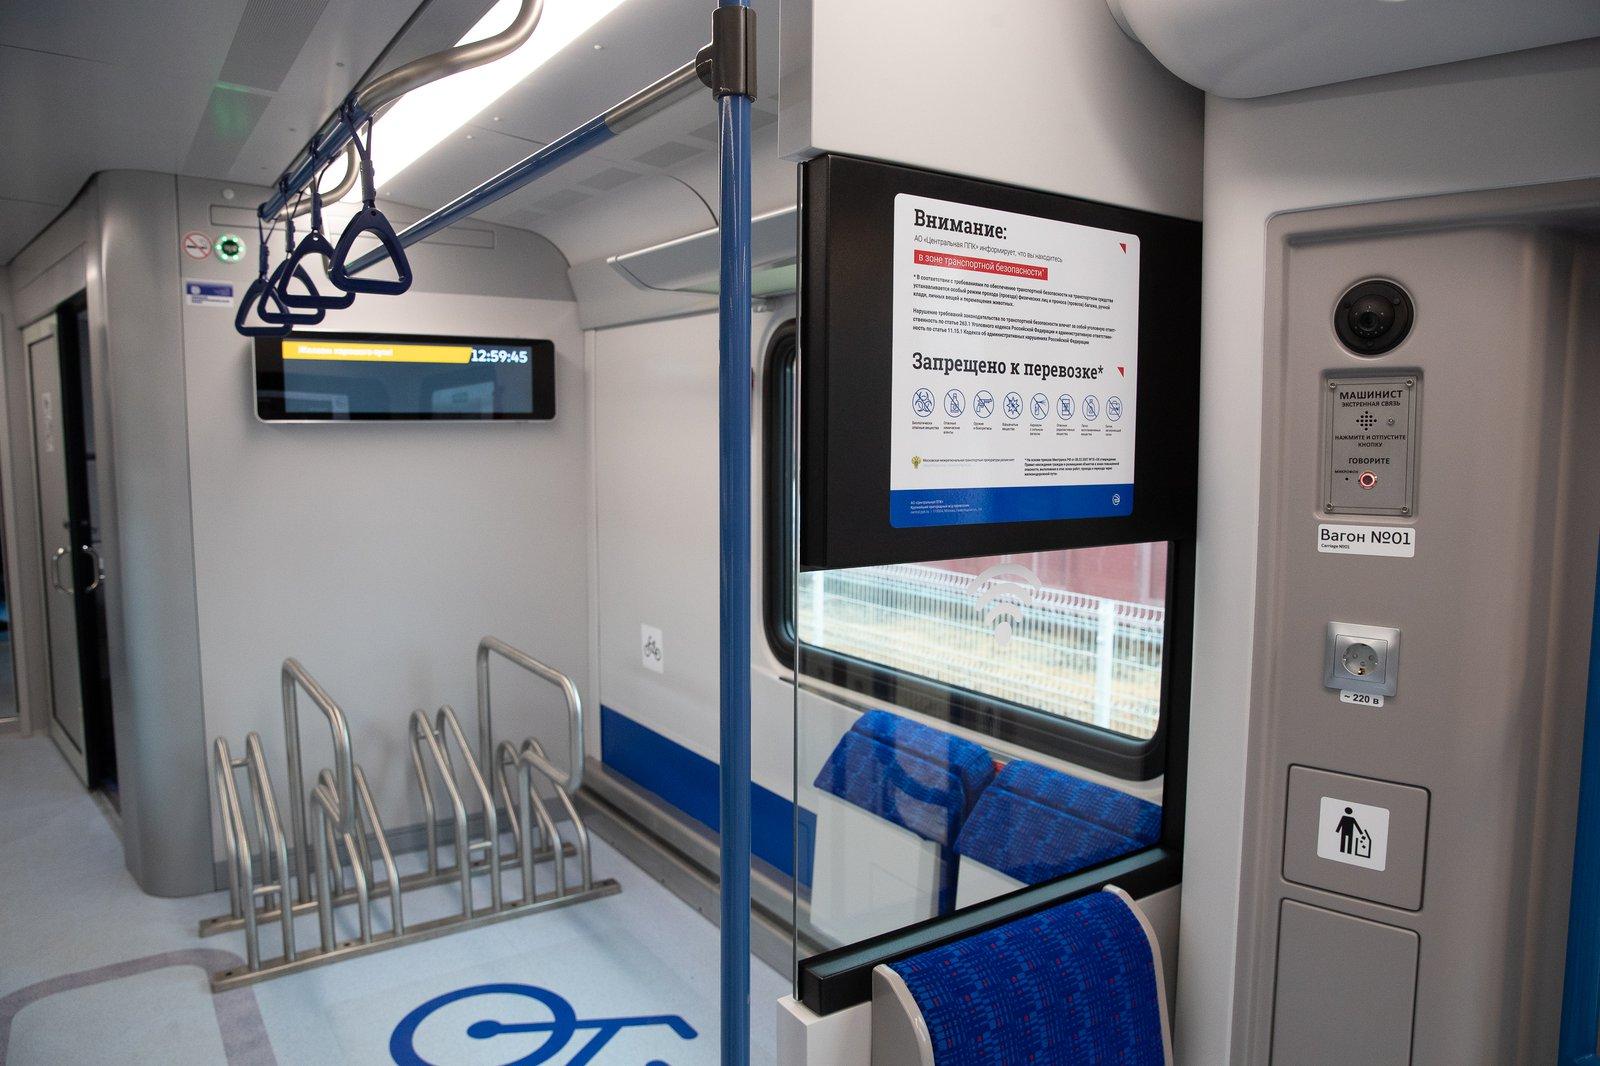 Андрей Воробьев губернатор московской области - Транспорт для современного человека: Президент дал старт движению поездов по МЦД